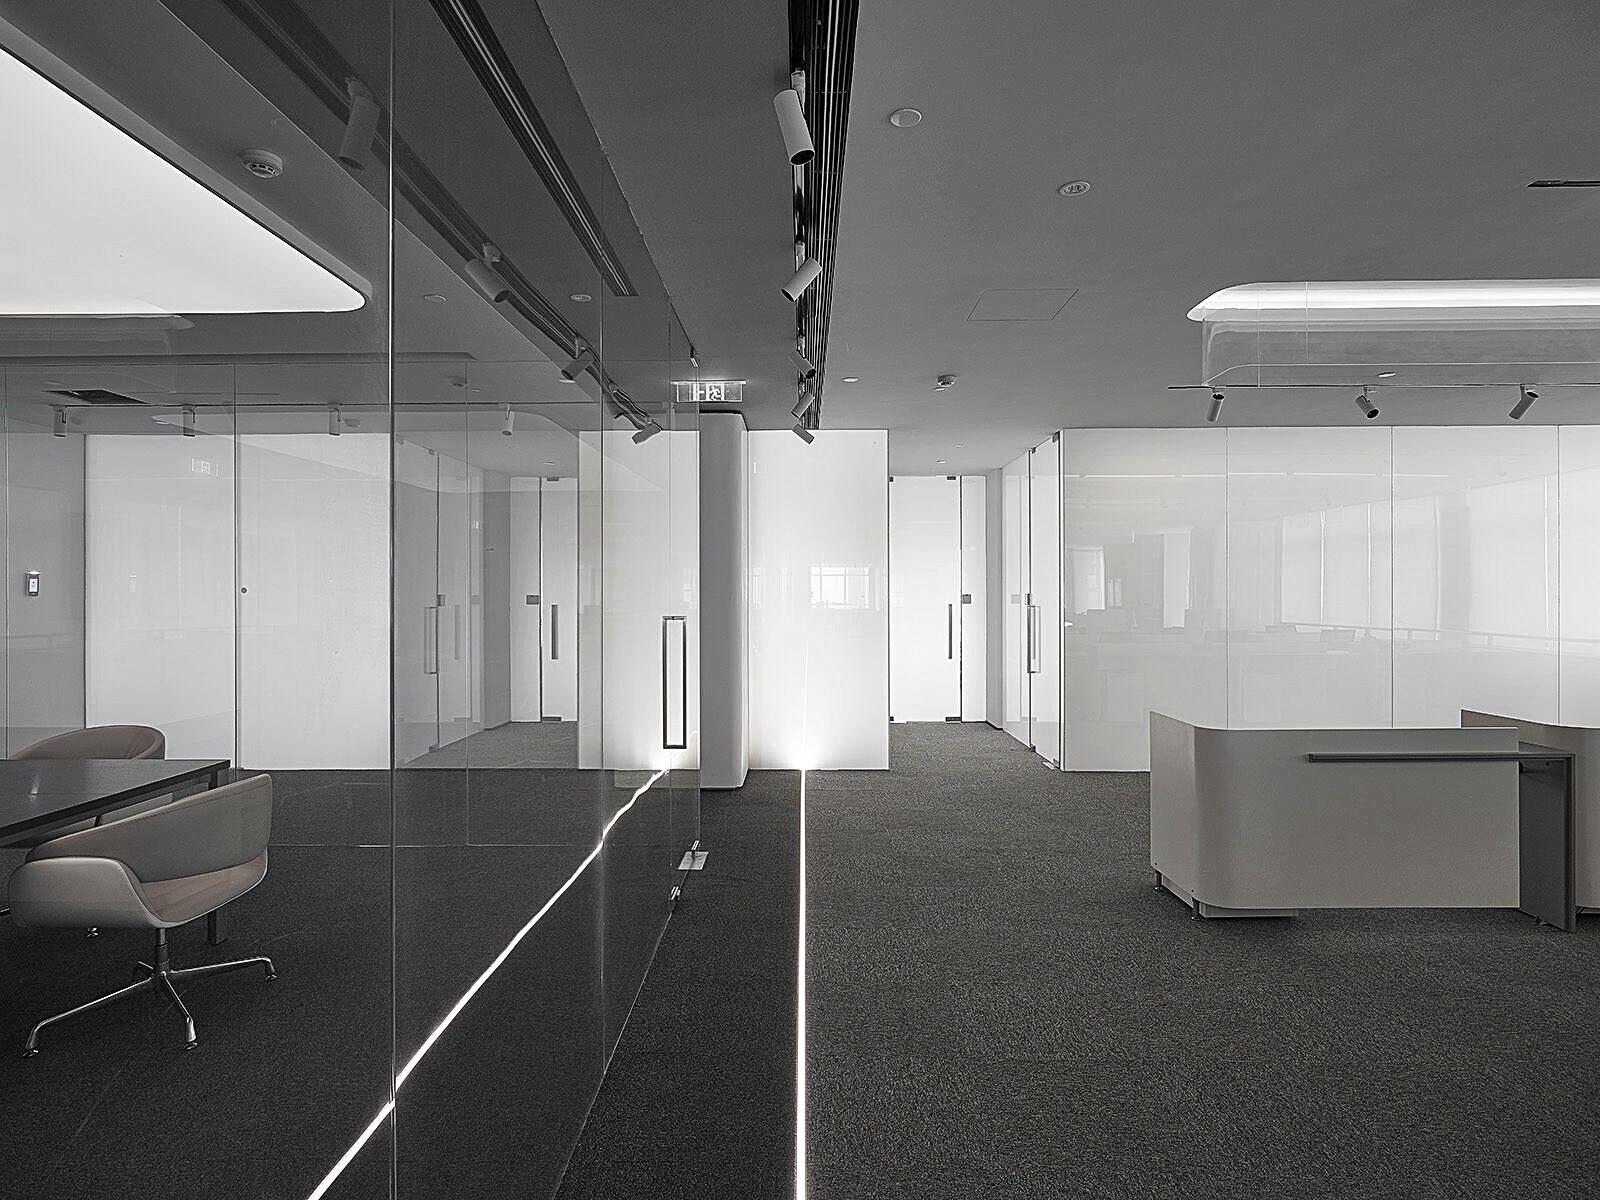 電膜玻璃霧化後產生的隔屏隱私效果